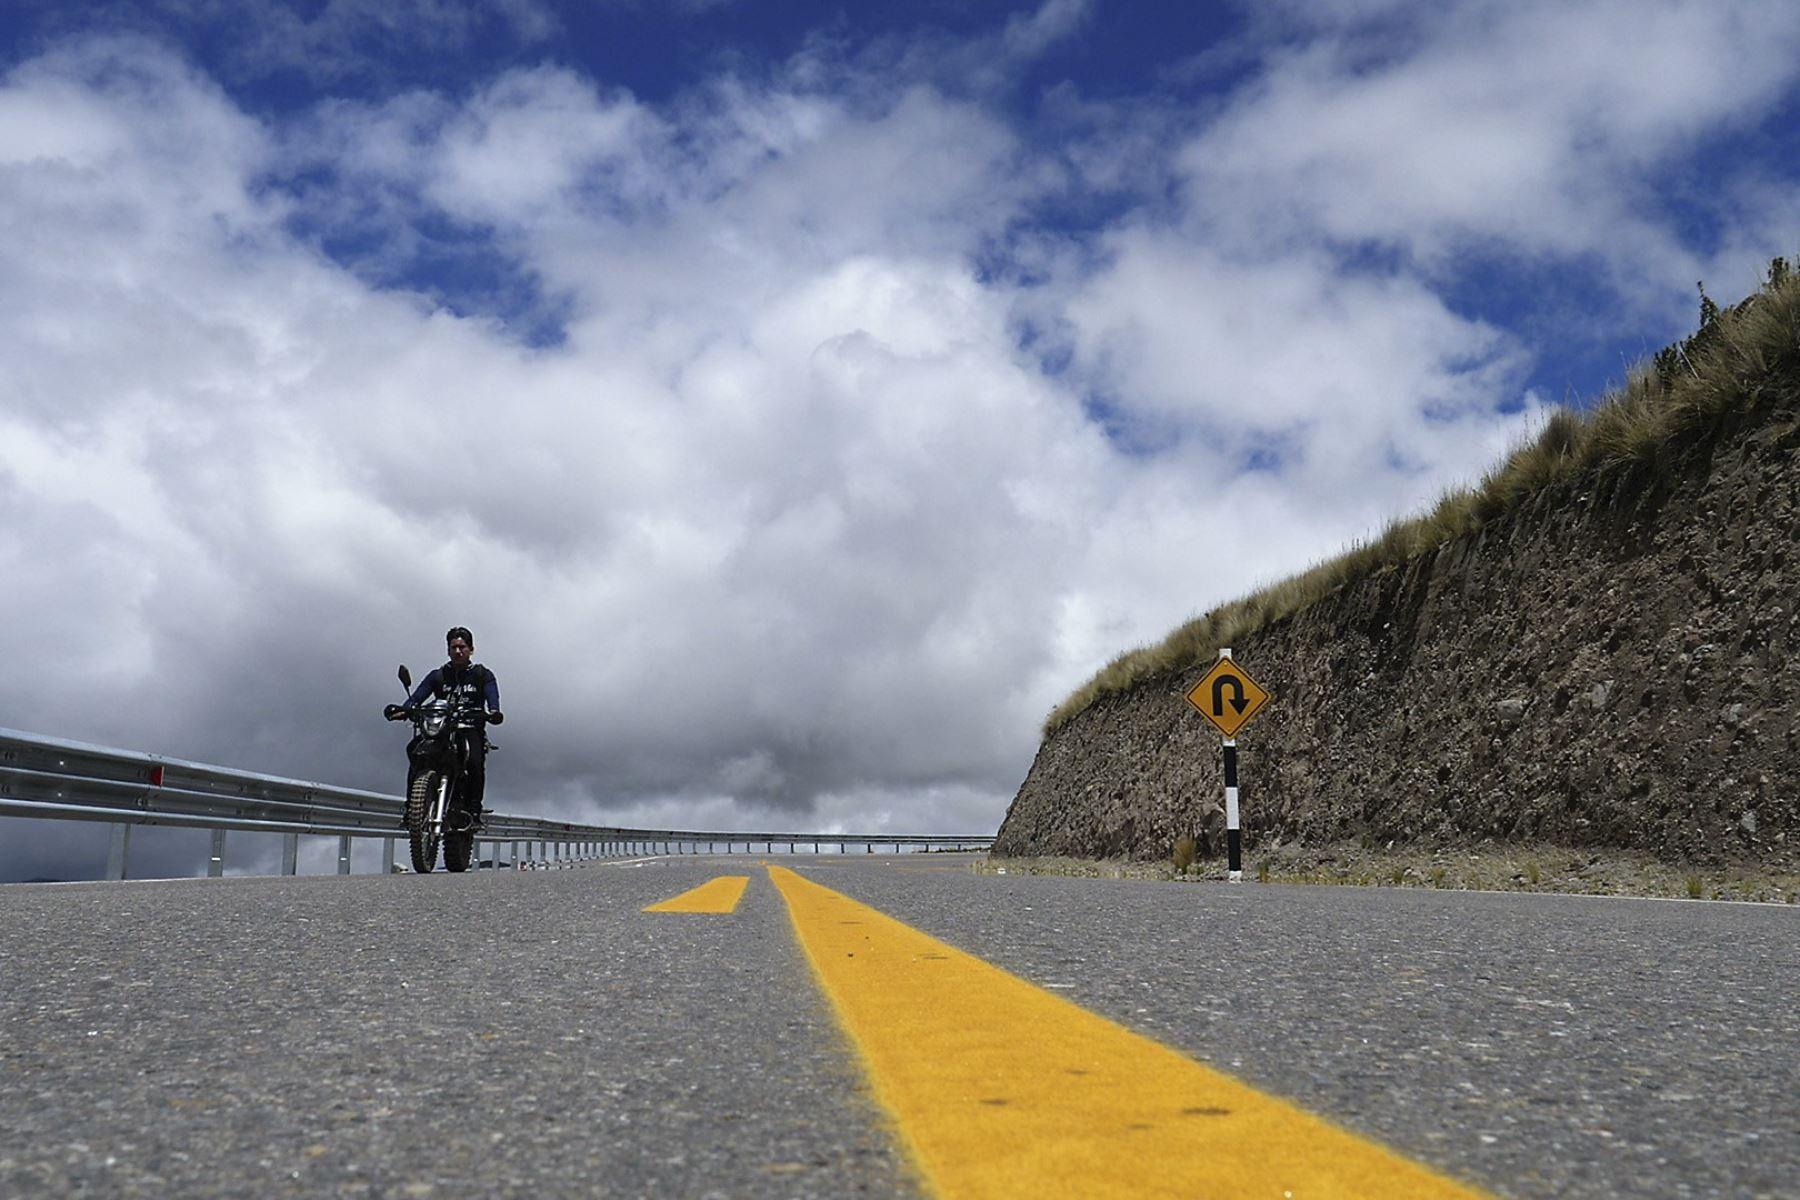 Carreteras concesionadas registran avance de más del 91% en kilómetros construidos